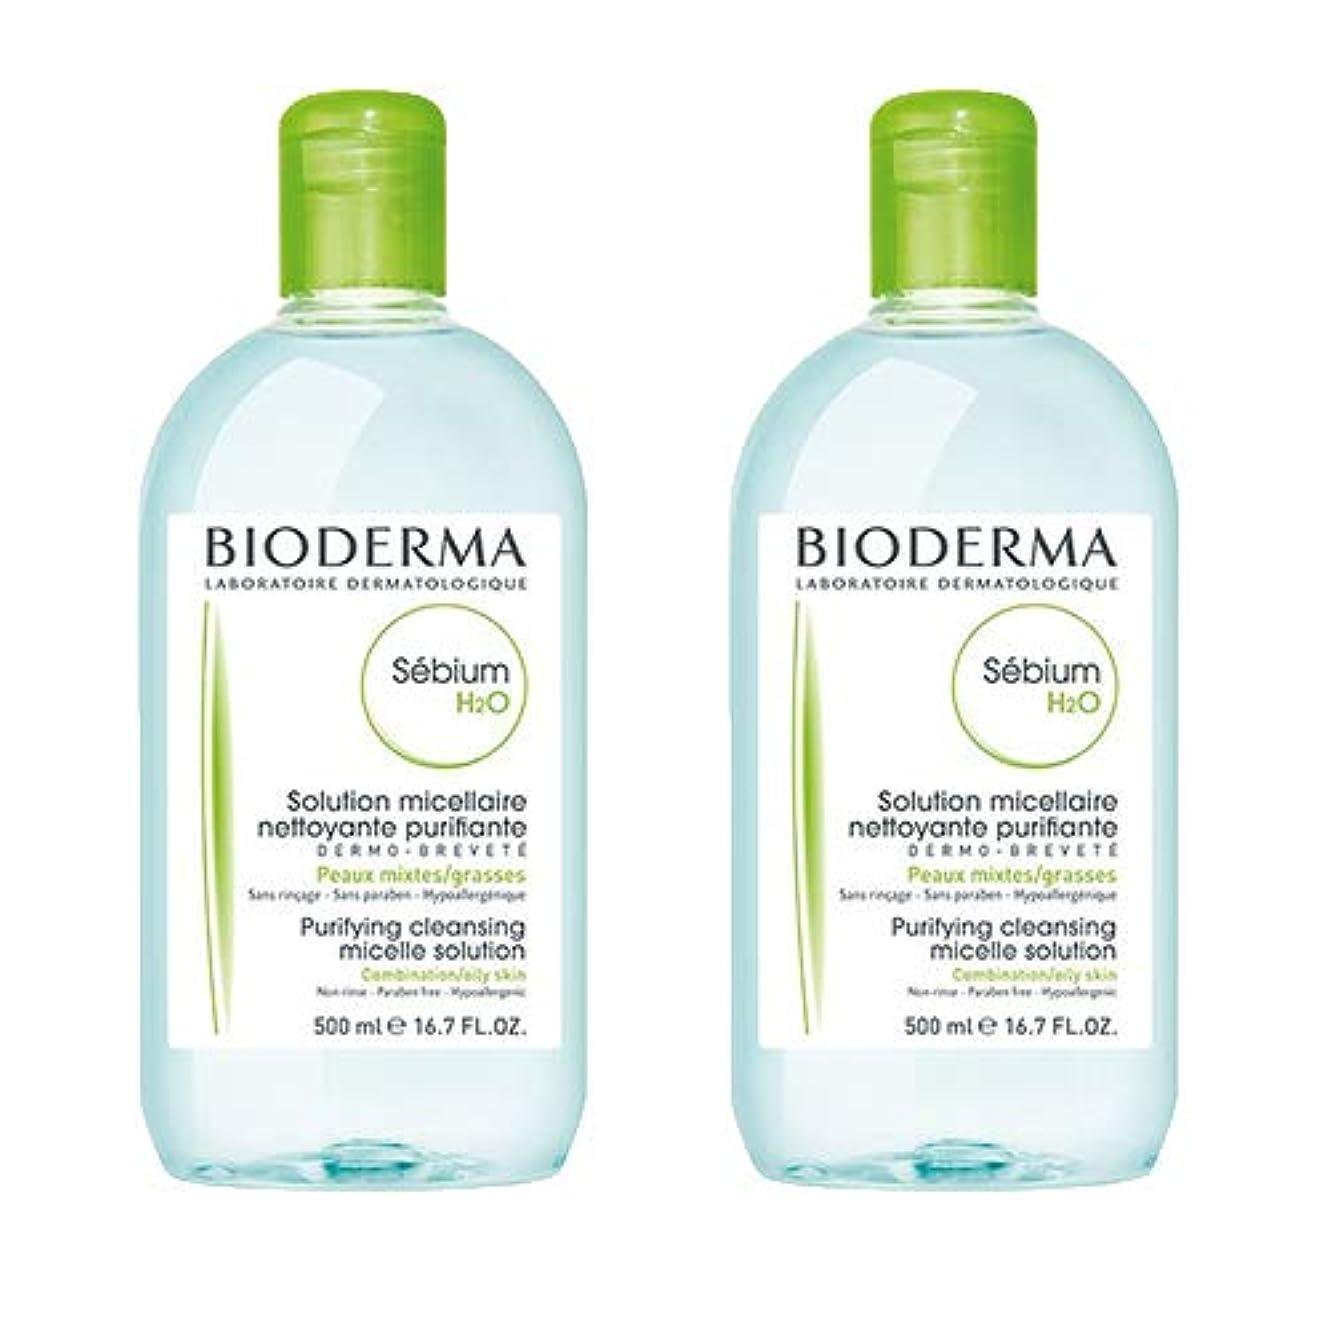 凶暴な液体排泄物ビオデルマ(BIODERMA) セビウム H2O(エイチ ツーオー)D 500ml×2本セット[並行輸入品]